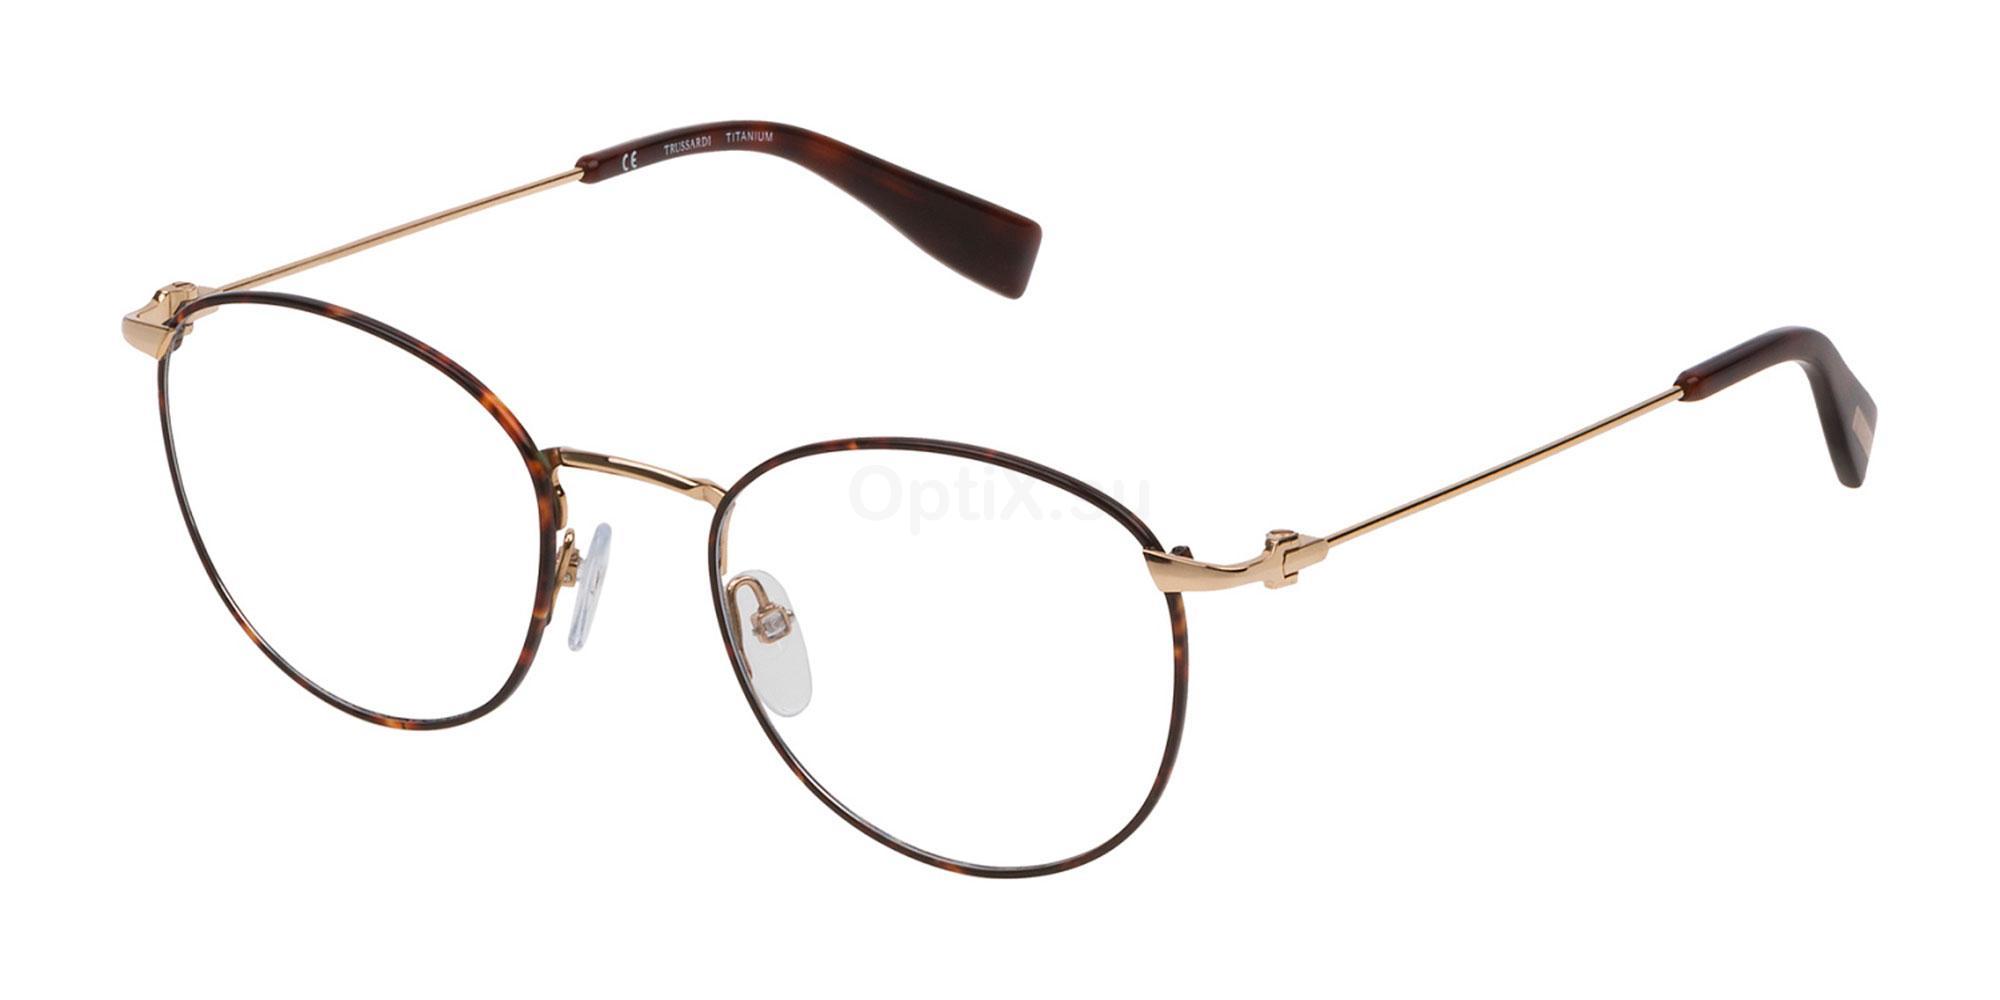 0320 VTR247 Glasses, Trussardi